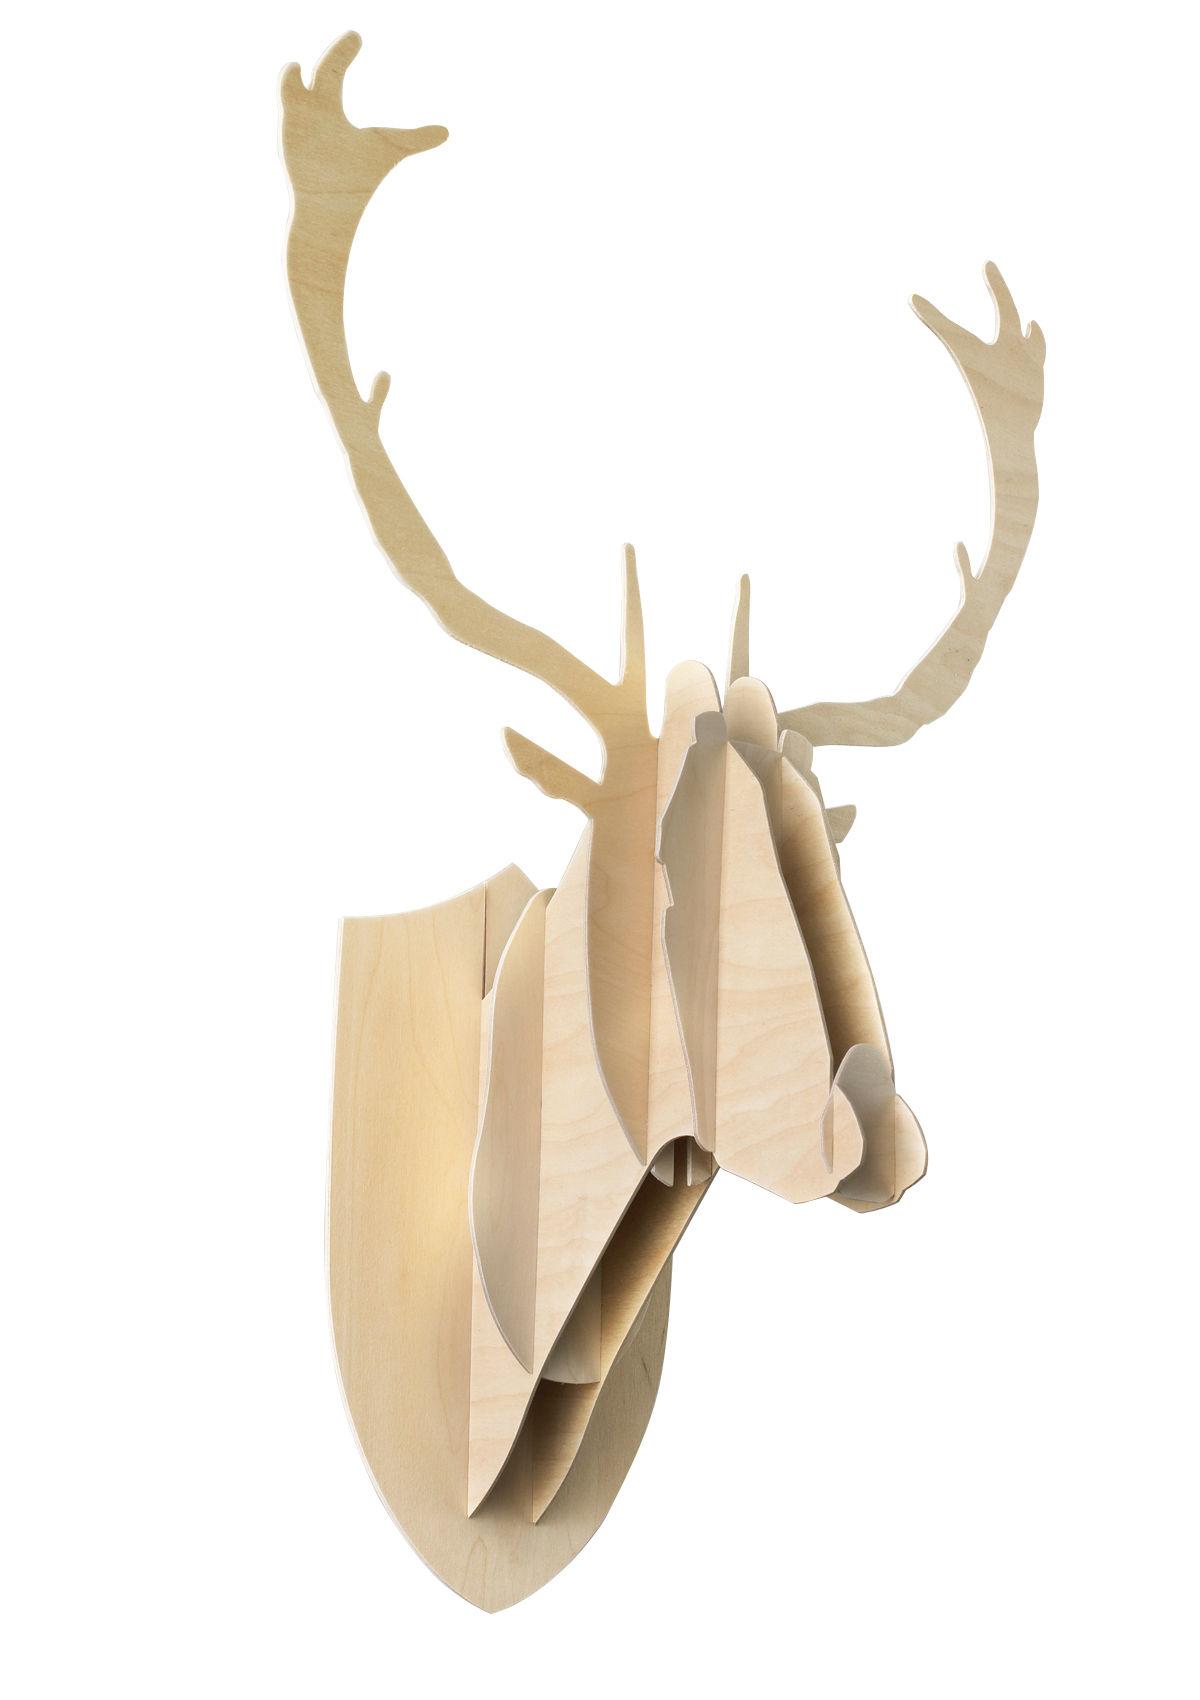 Interni - Insoliti e divertenti - Trofeo - H 70 cm di Moustache - H 70 cm -  Legno naturale - Compensato di betulla